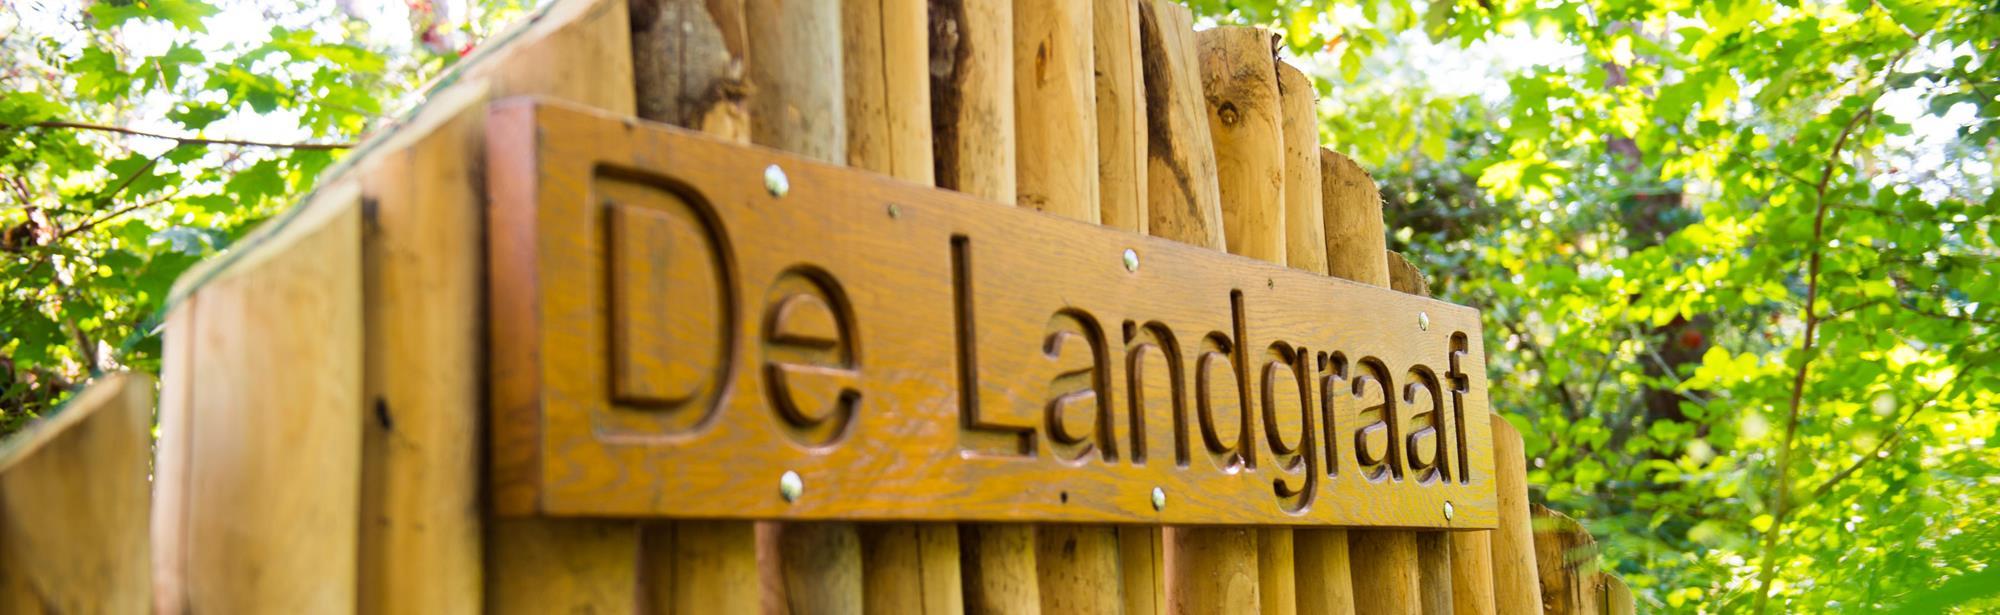 Verdediginglinie de Landgraaf